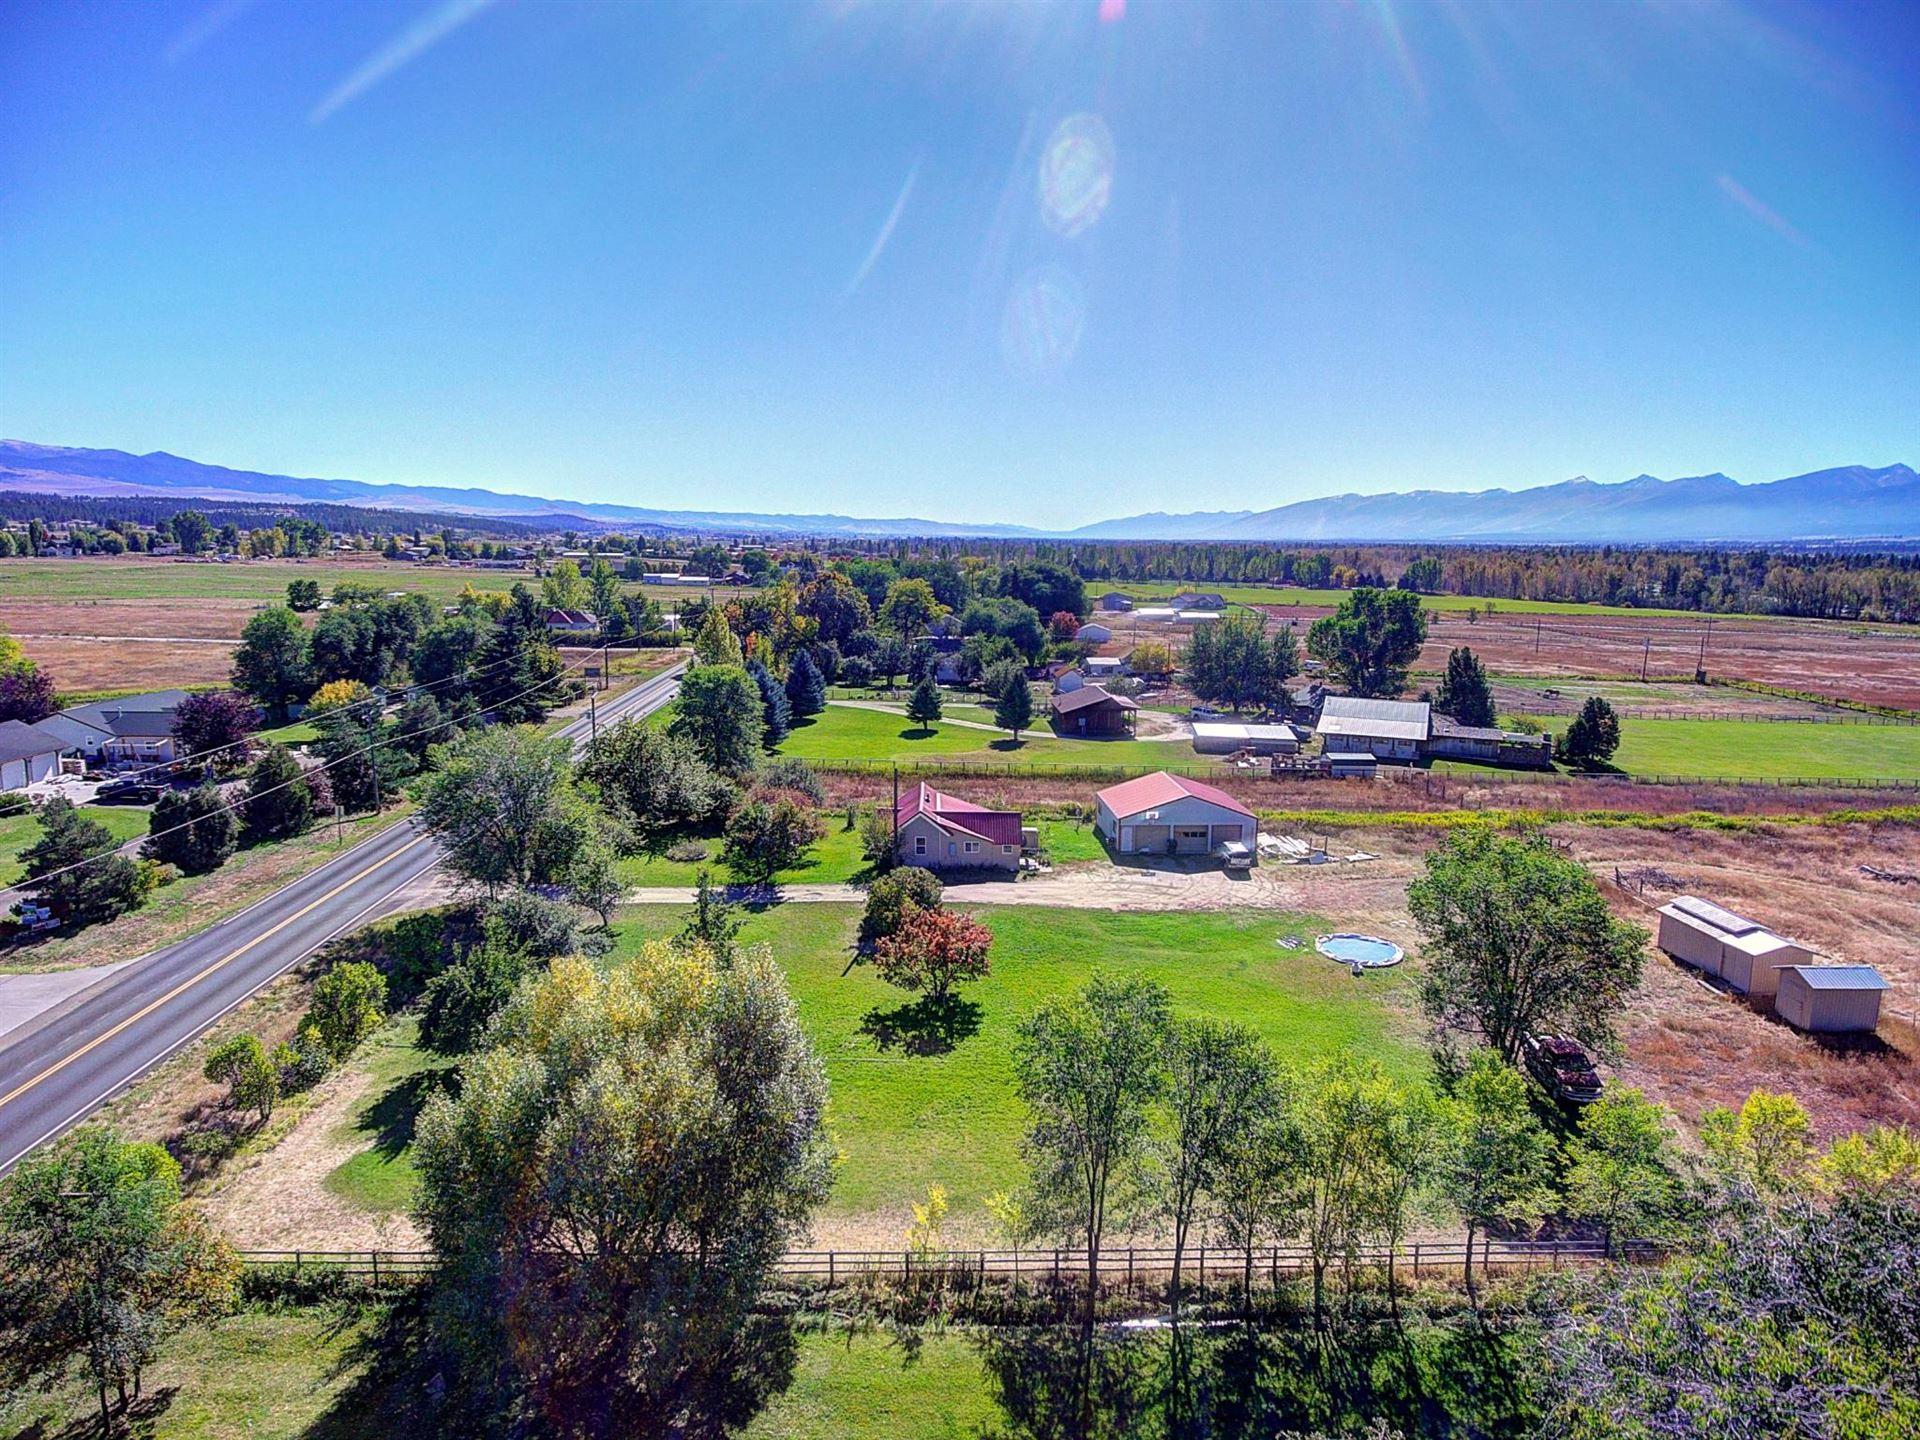 Photo of 3741 Eastside Hwy, Stevensville, MT 59870 (MLS # 22015625)